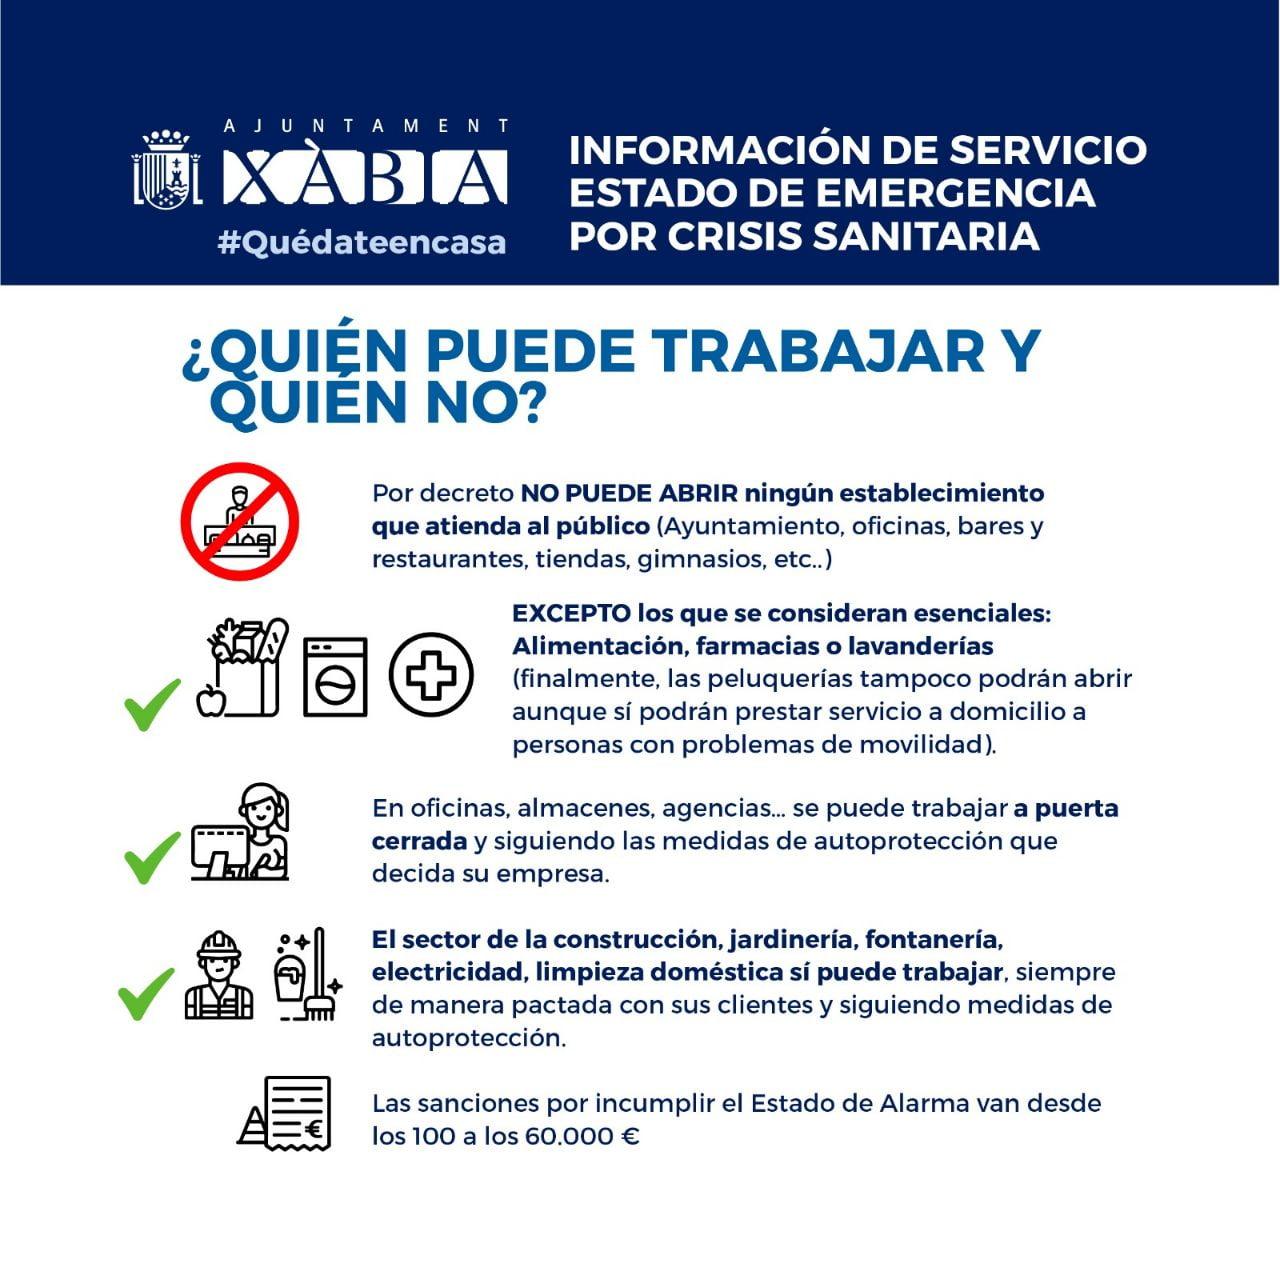 Información de servicio trabajadores